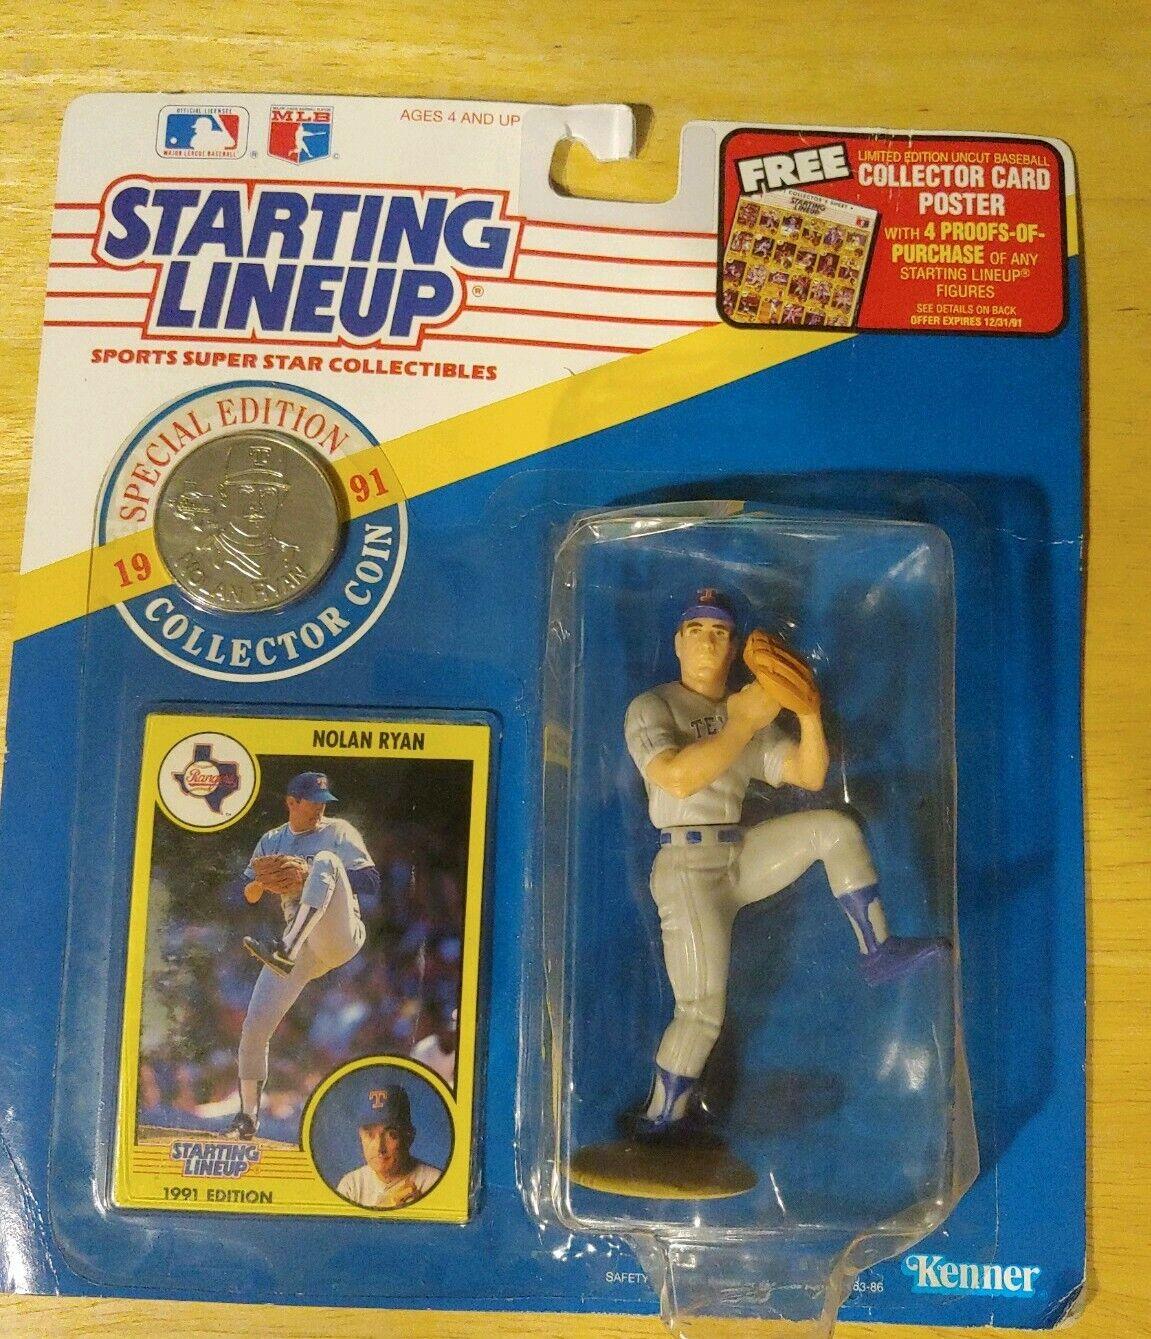 Starting Lineup Kenner 1993 Extended Series Nolan Ryan Texas Rangers NIB